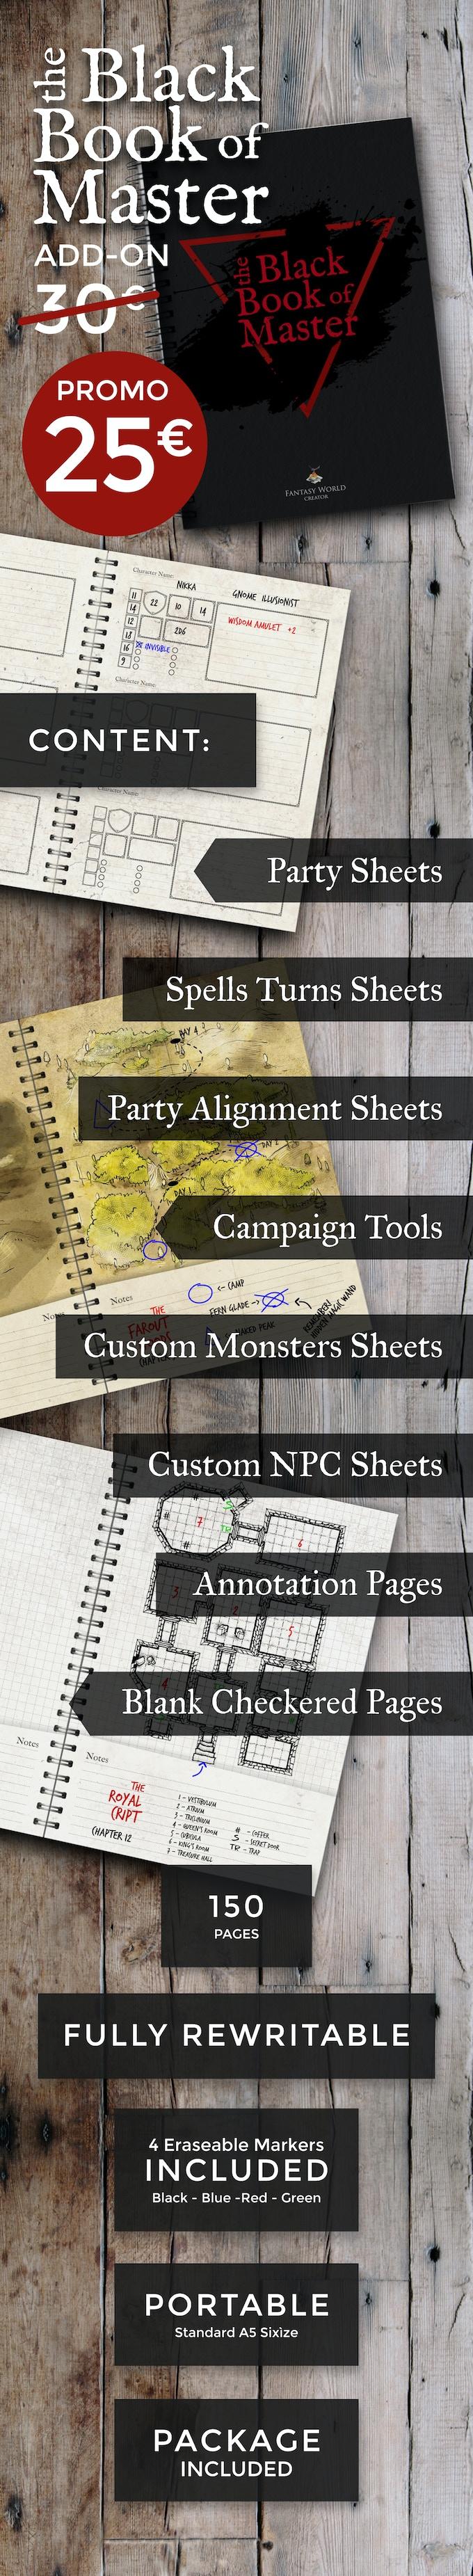 Fantasy World Creator + APP: Modular tiles for TABLETOP RPG